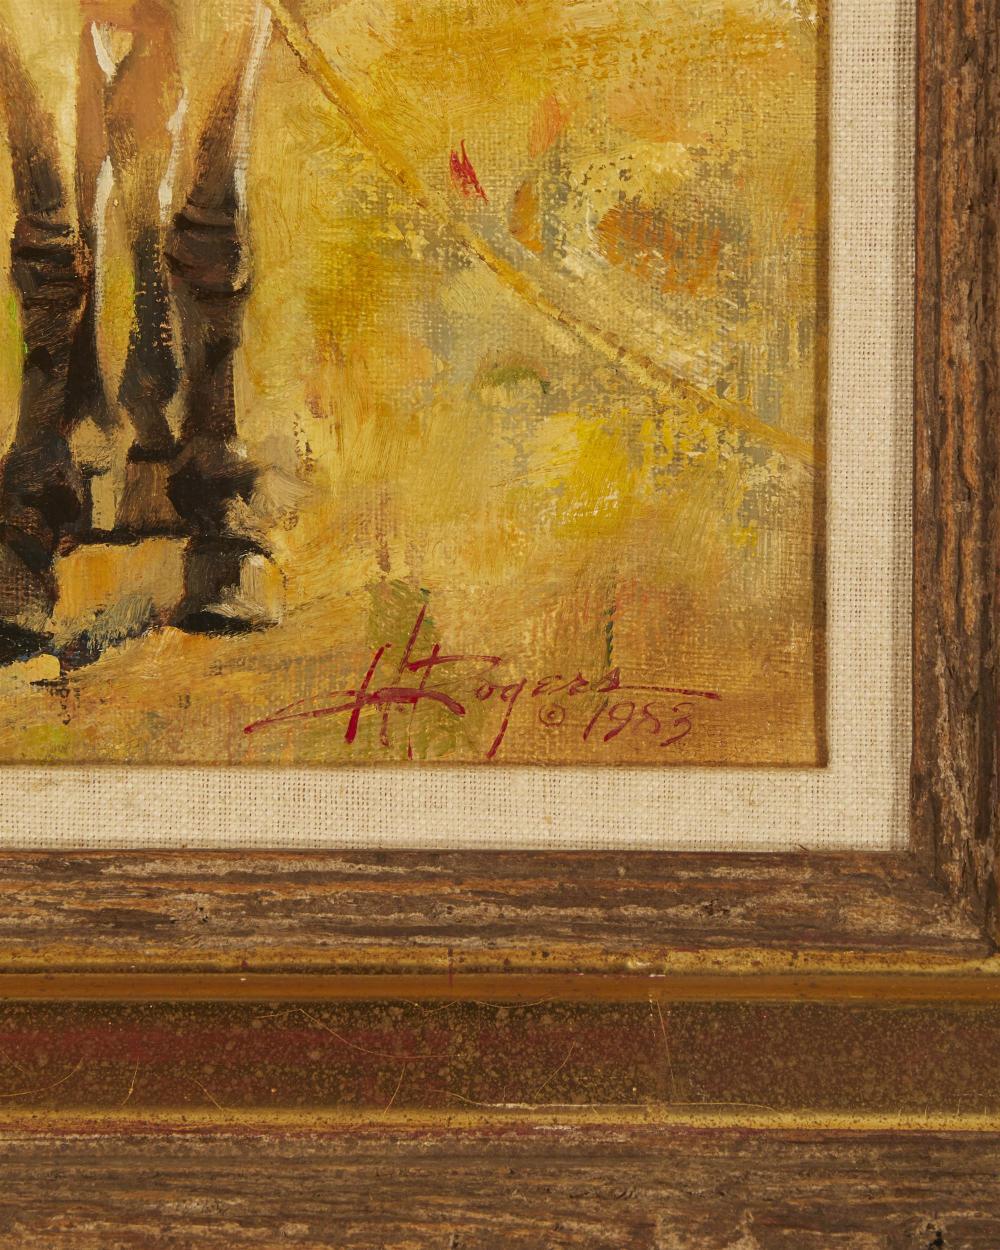 Howard Rogers, (b.1932, Cave Creek, AZ), Portrait of a Donkey, 1983, Oil on canvas, 12